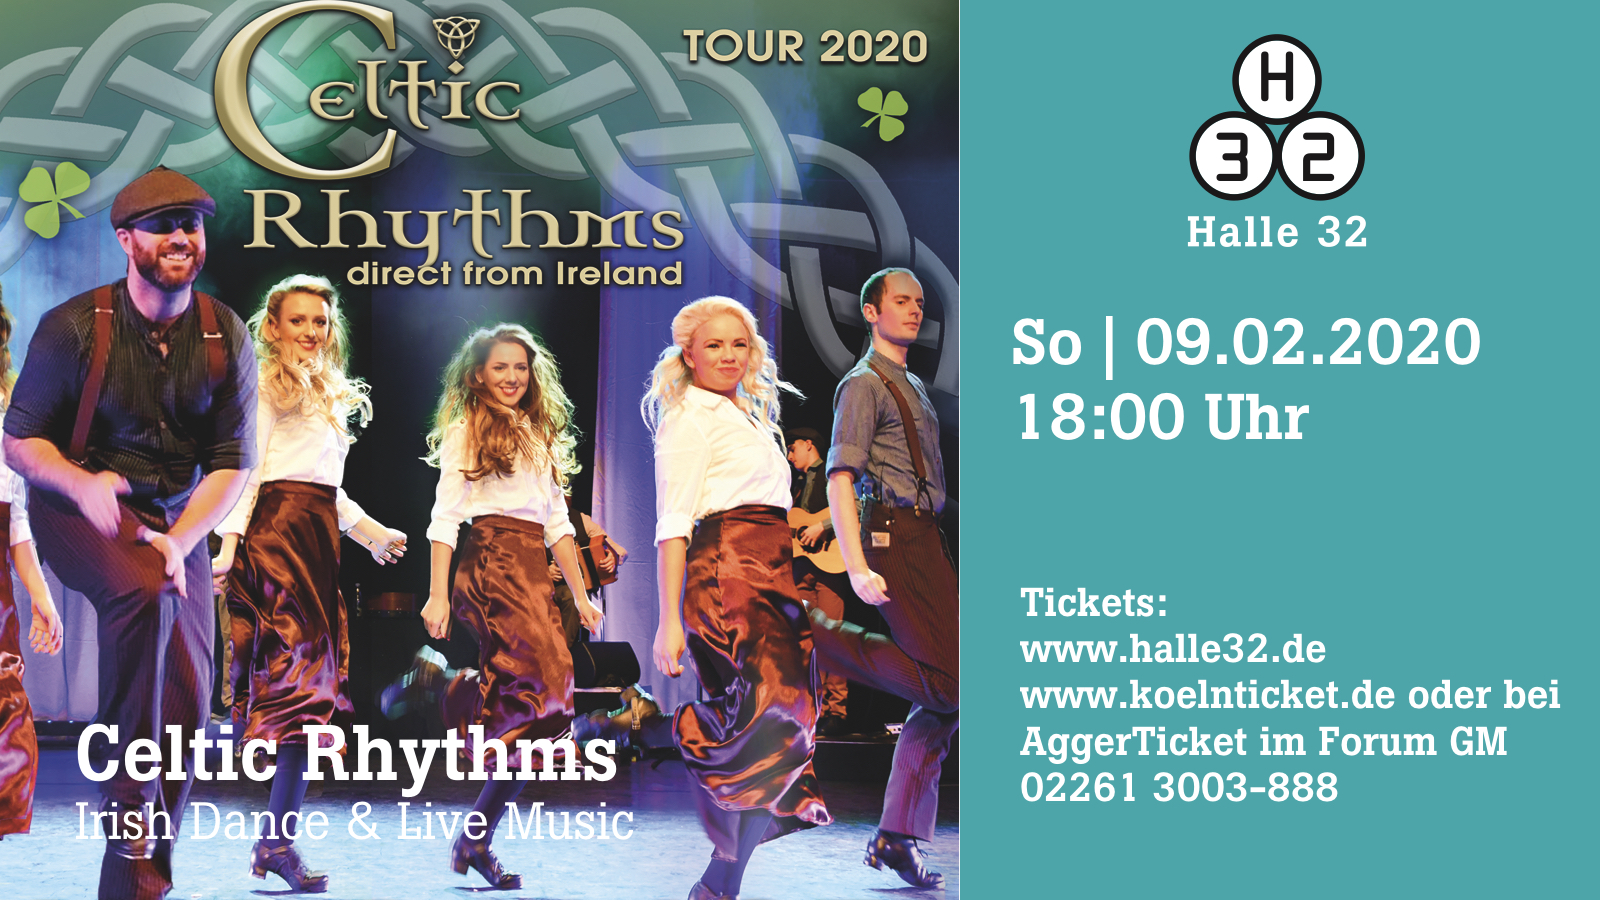 Halle 32 | Celtic Rhythms